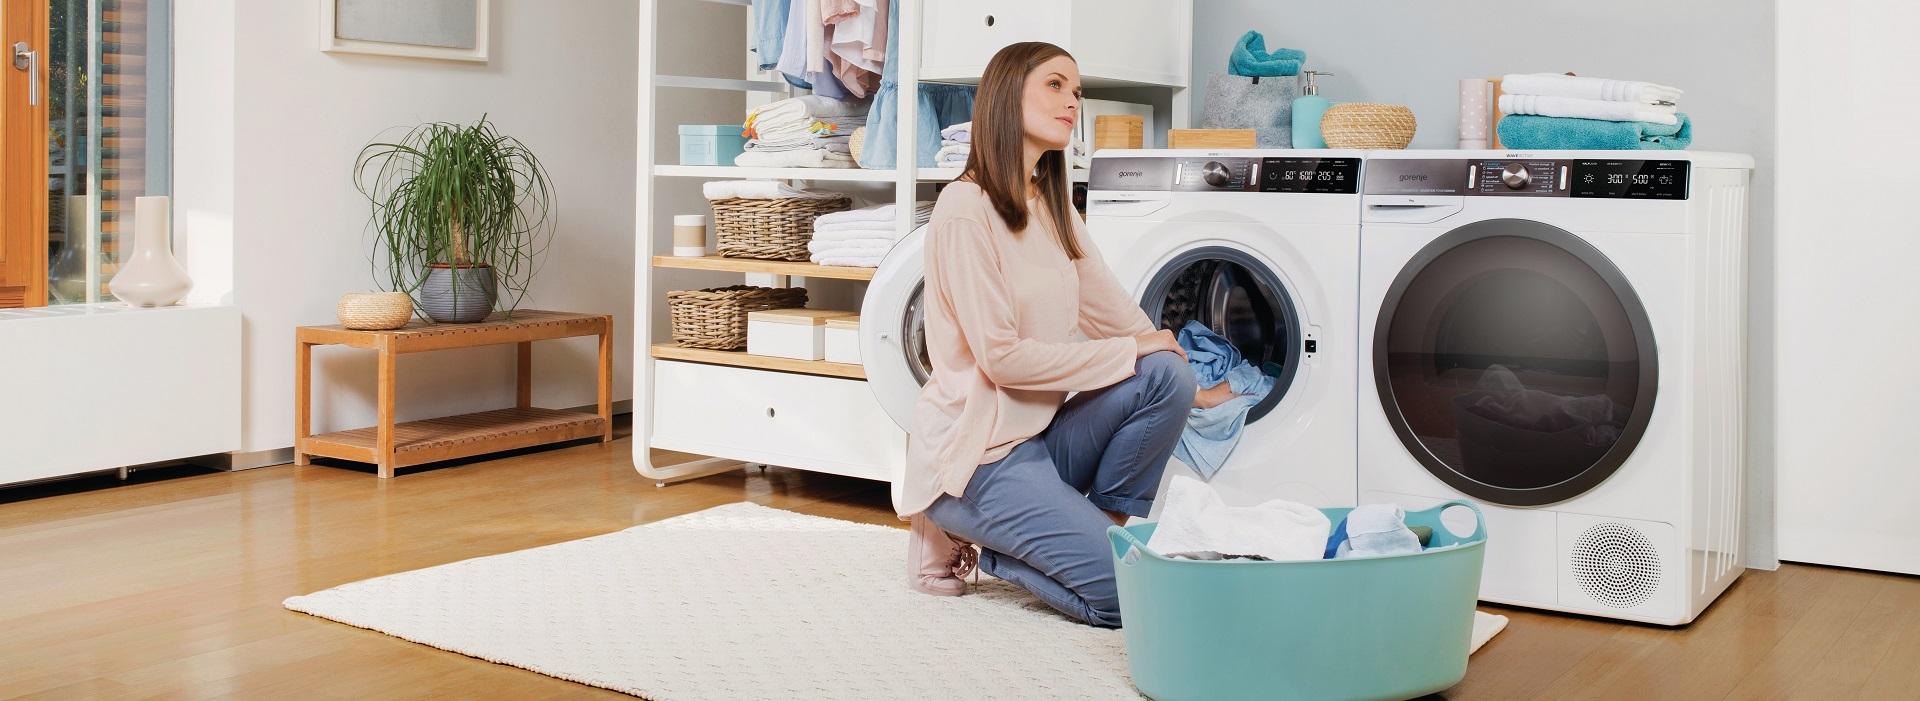 Die neuen Gorenje Waschmaschinen und Wäschetrockner - Jetzt bei uns erhältlich